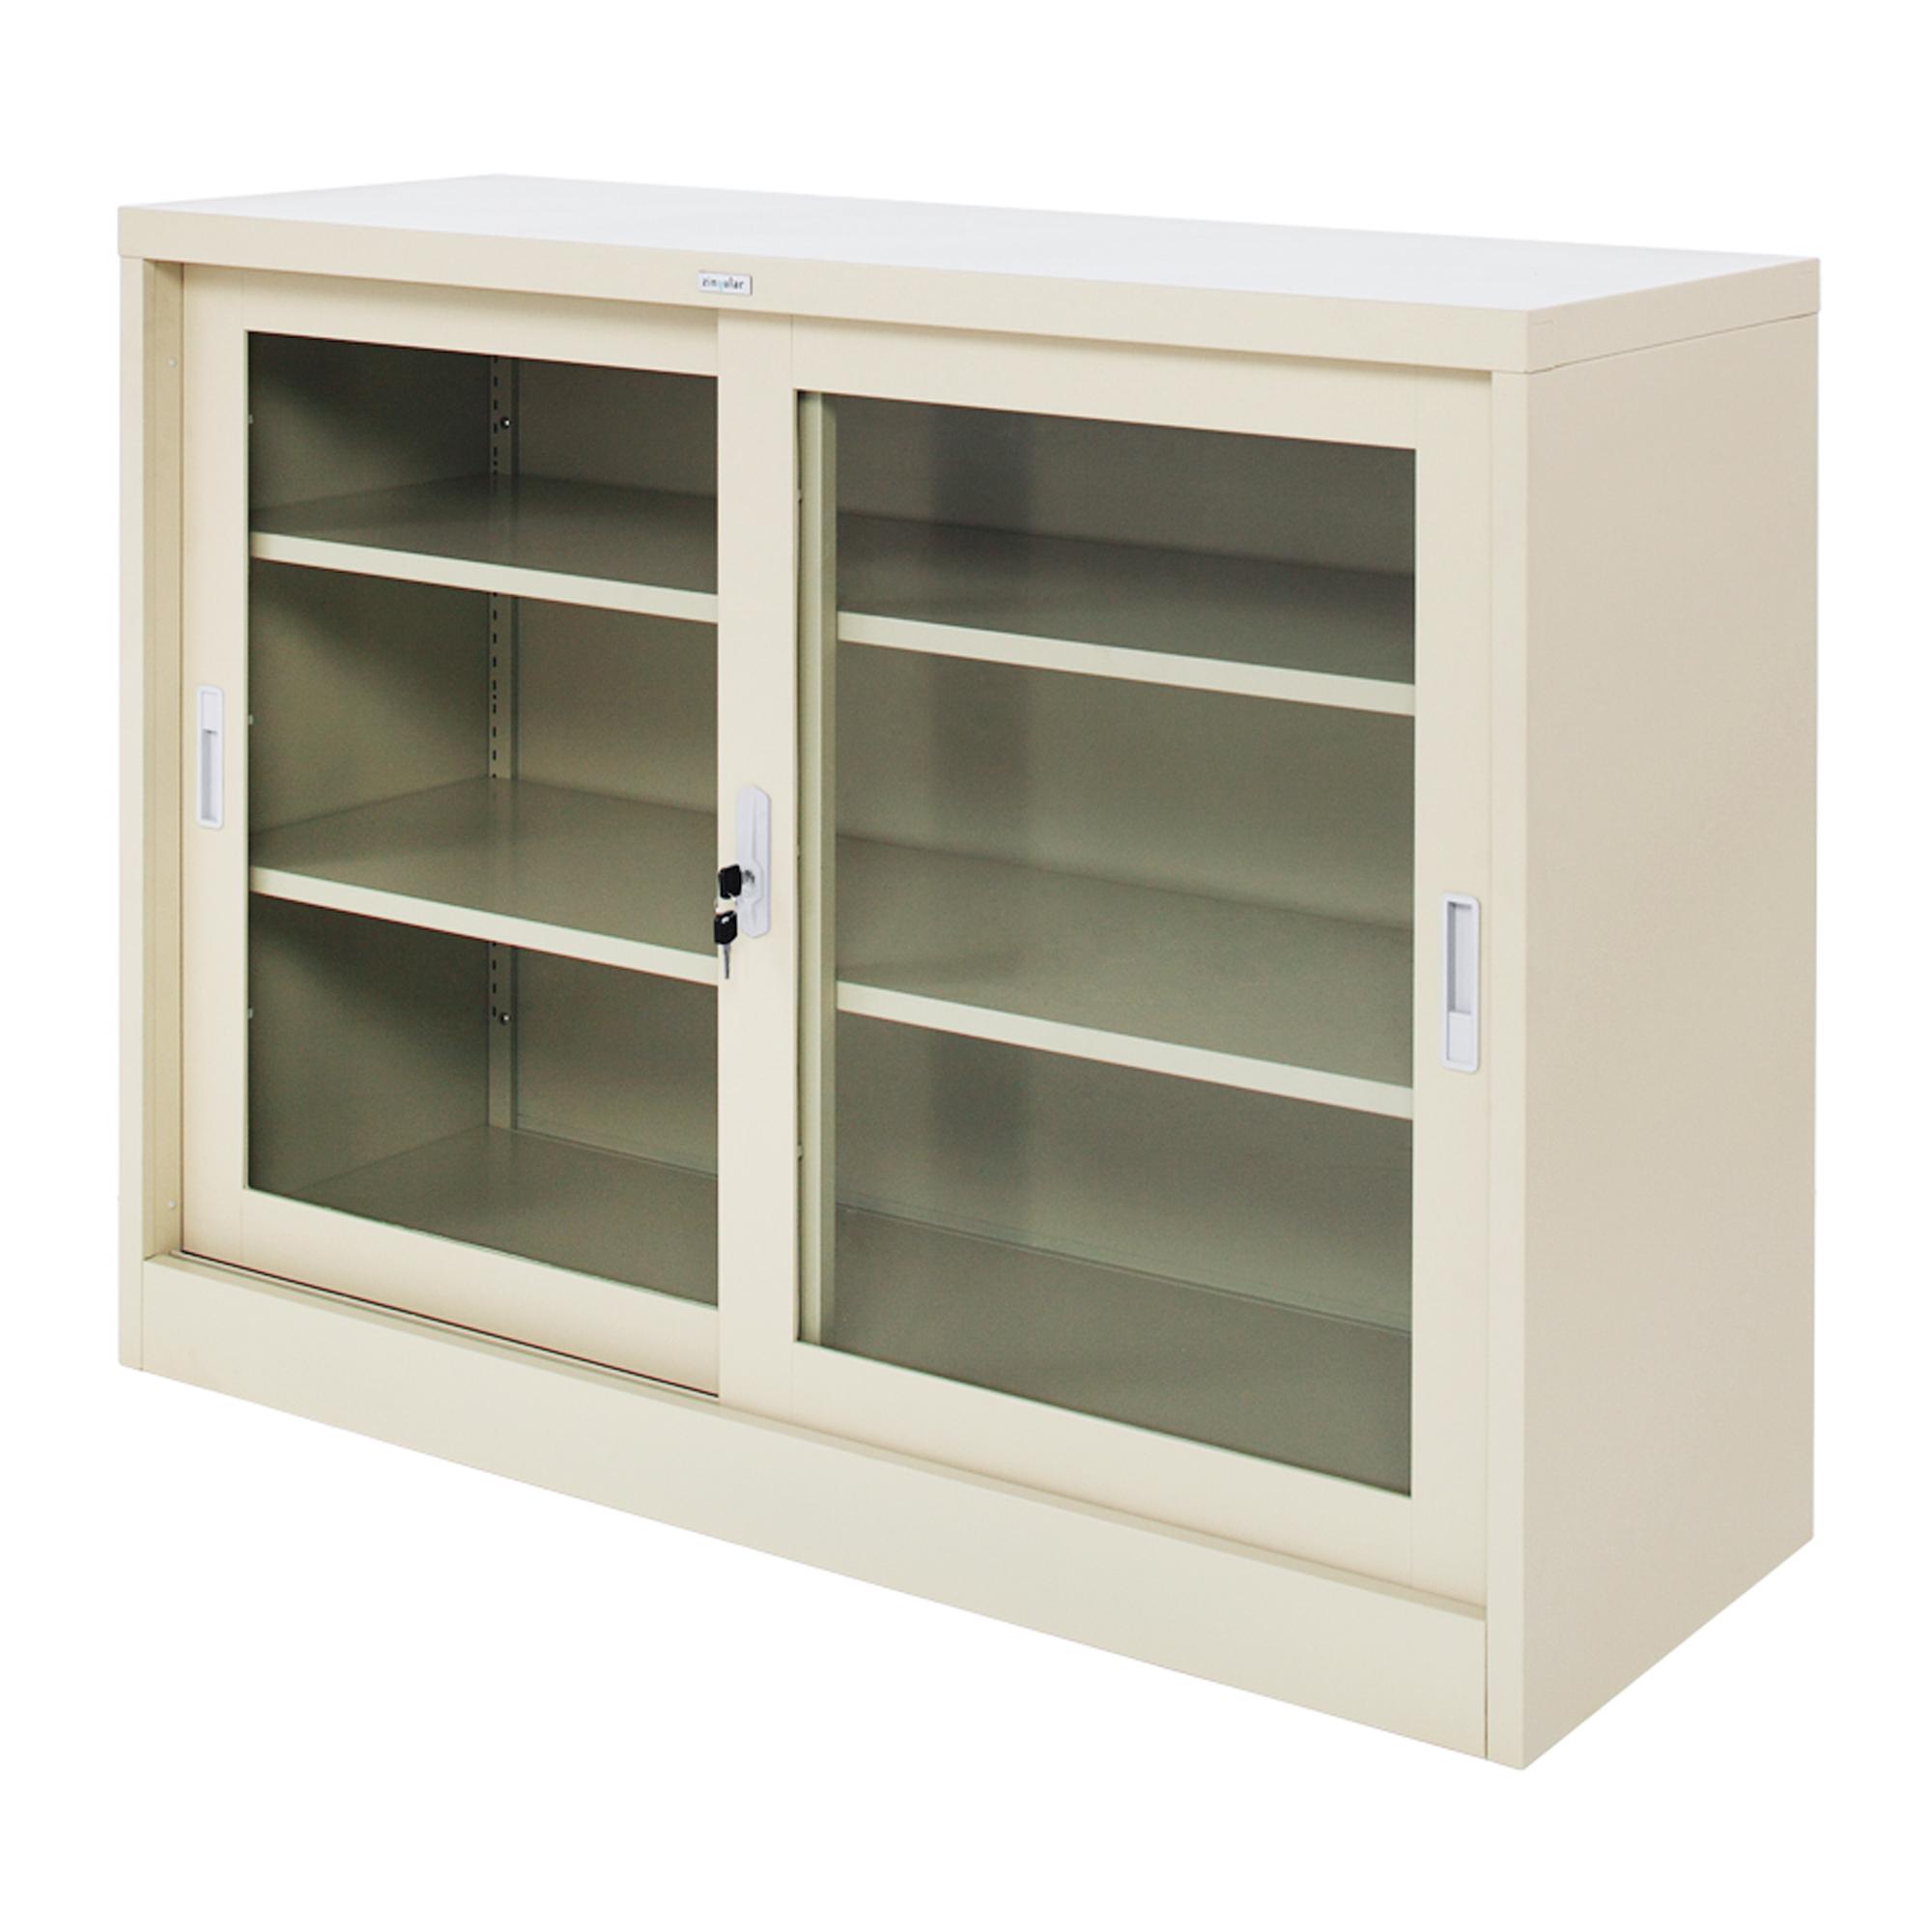 Zingular Zdg 324 Sliding Glass Door Cabinet Cream Freestanding